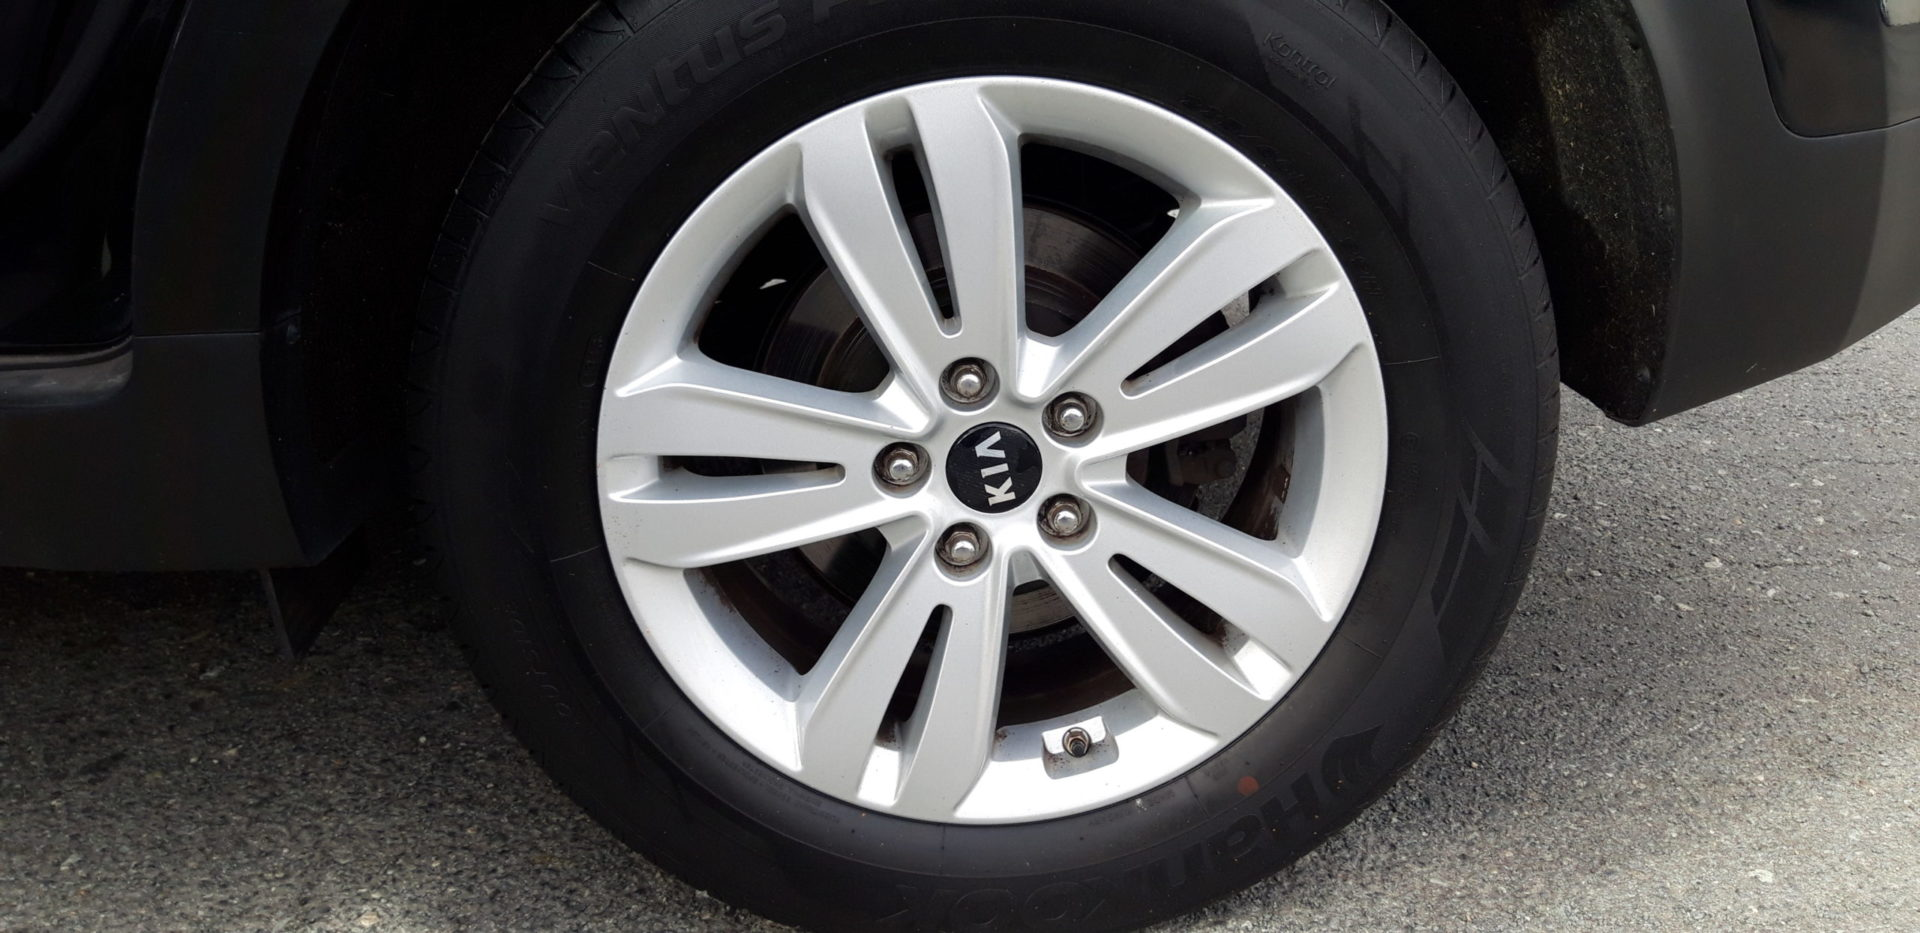 Garage Jallier Tharreau Garage Automobile Cholet Location Vehicule 9 Places 20200821 103113 1098